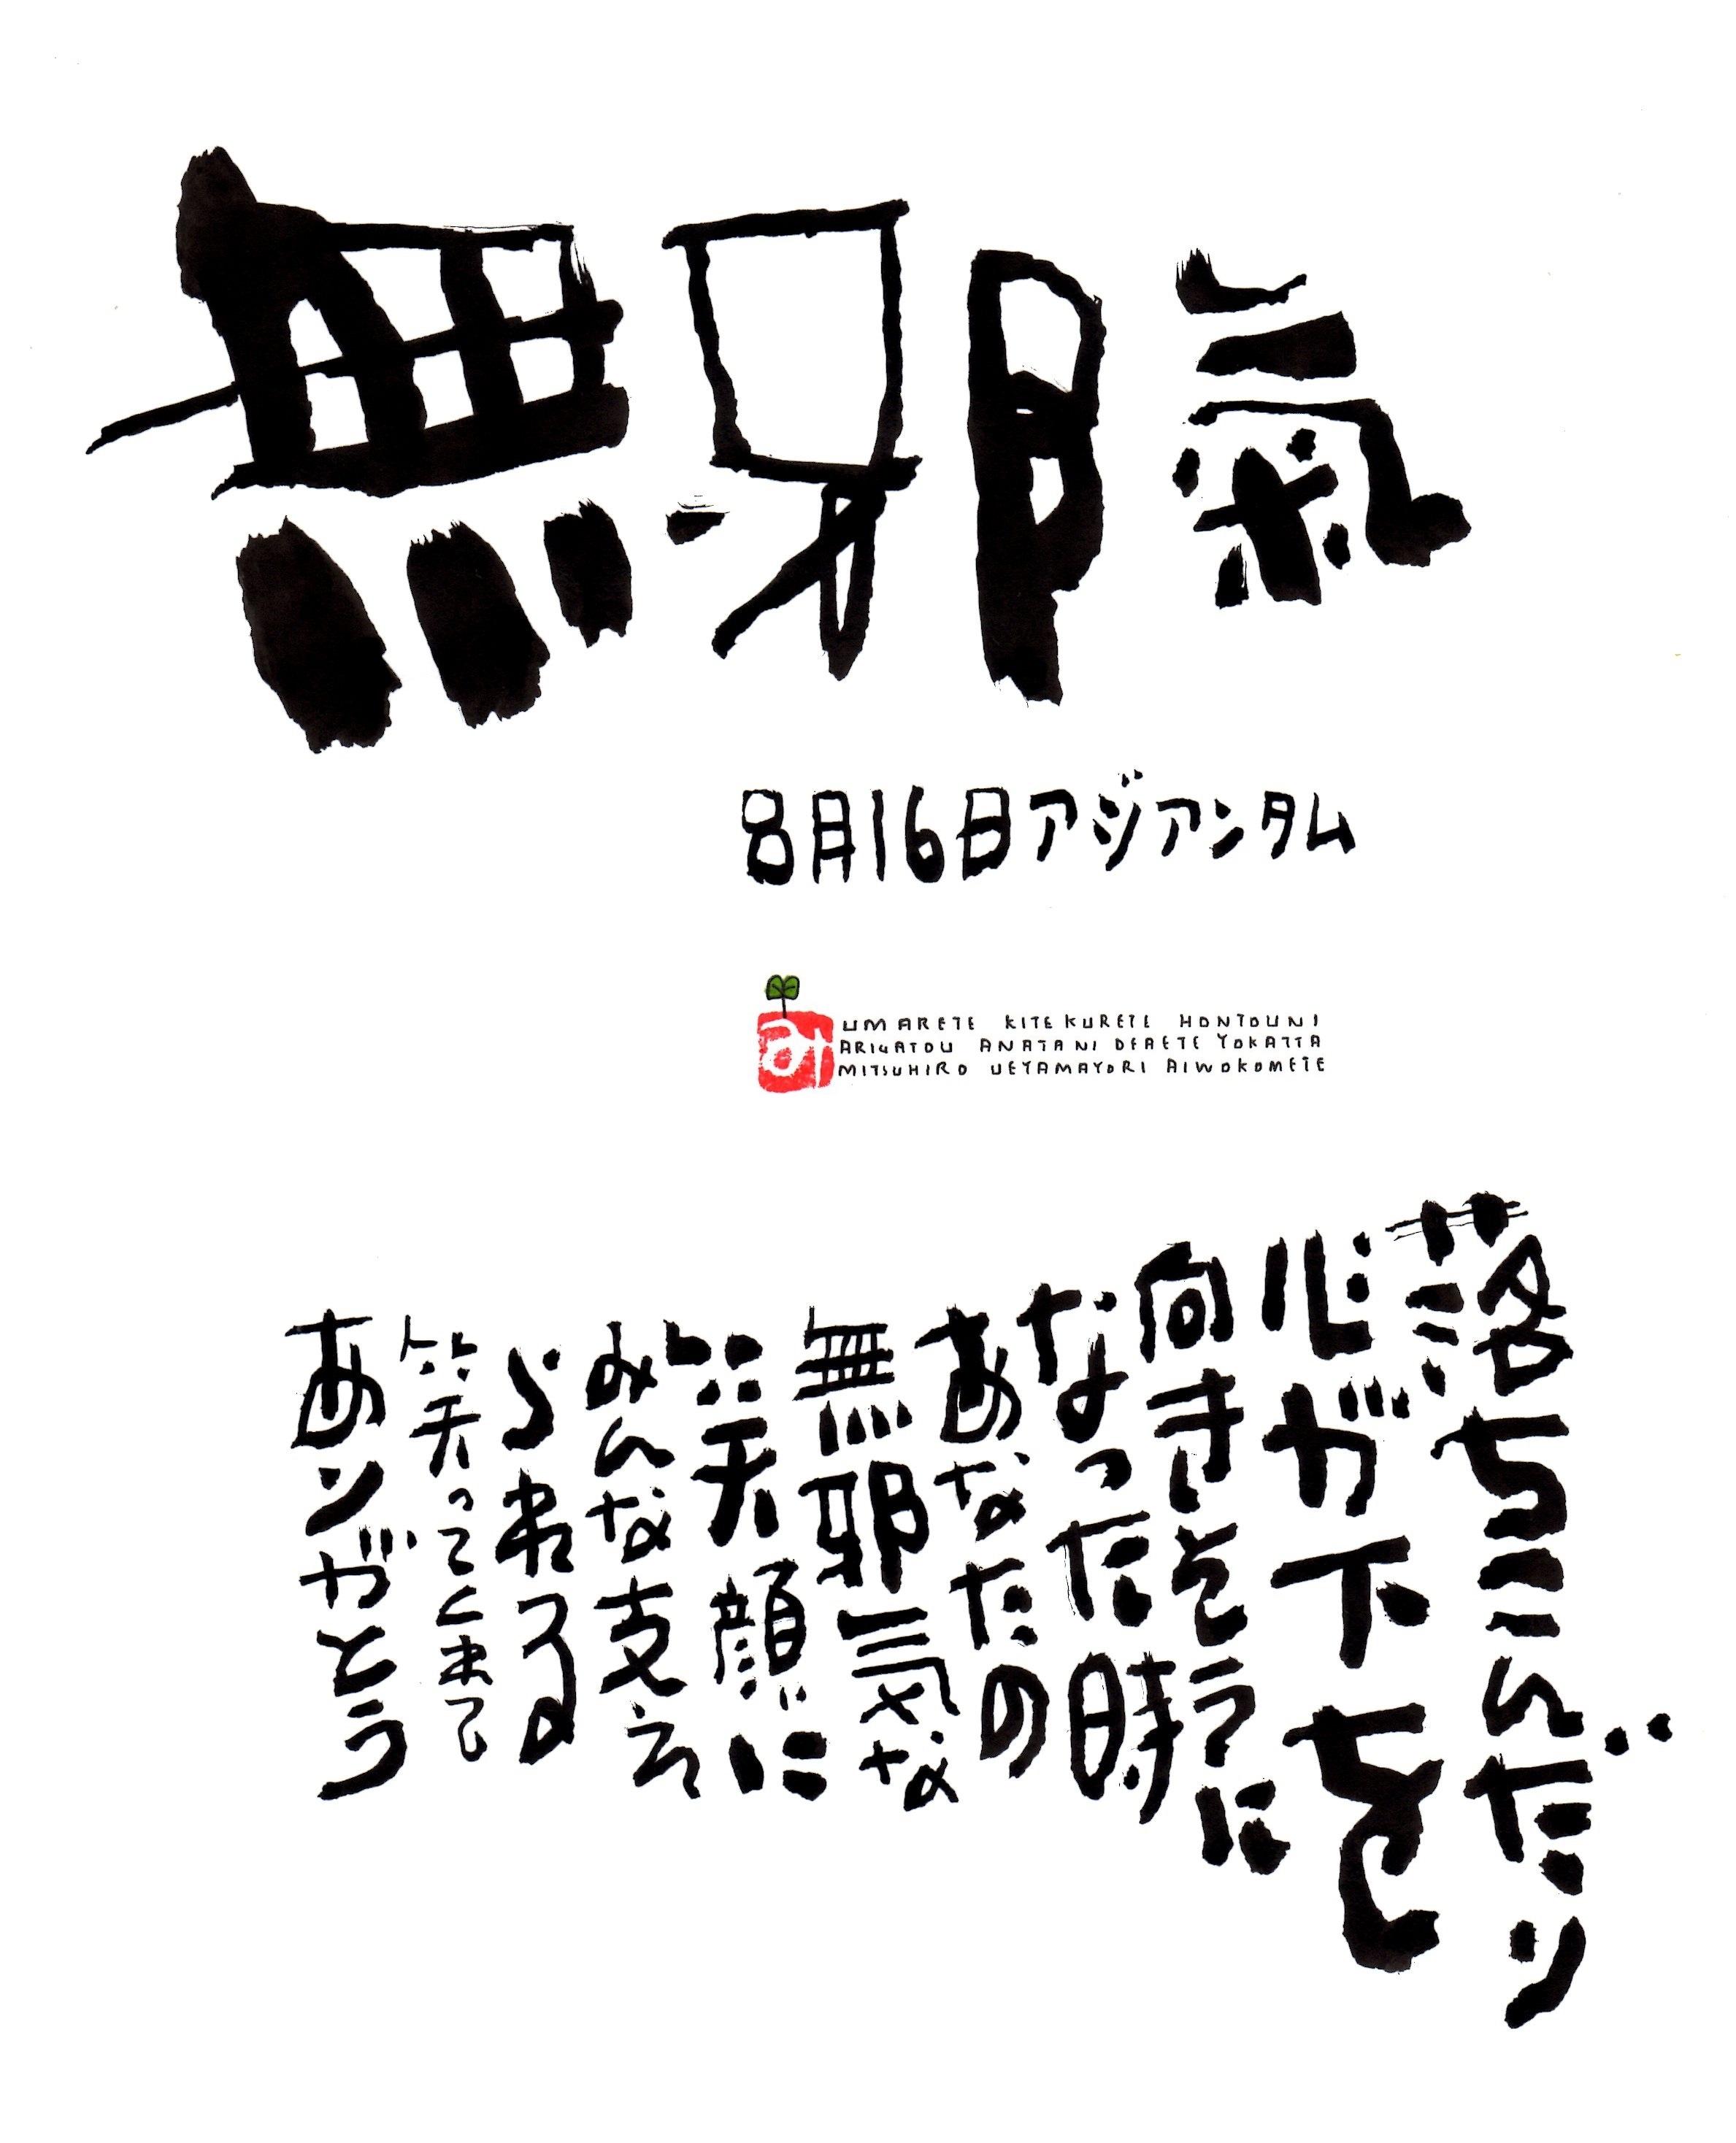 8月16日 誕生日ポストカード【無邪気】Innocent